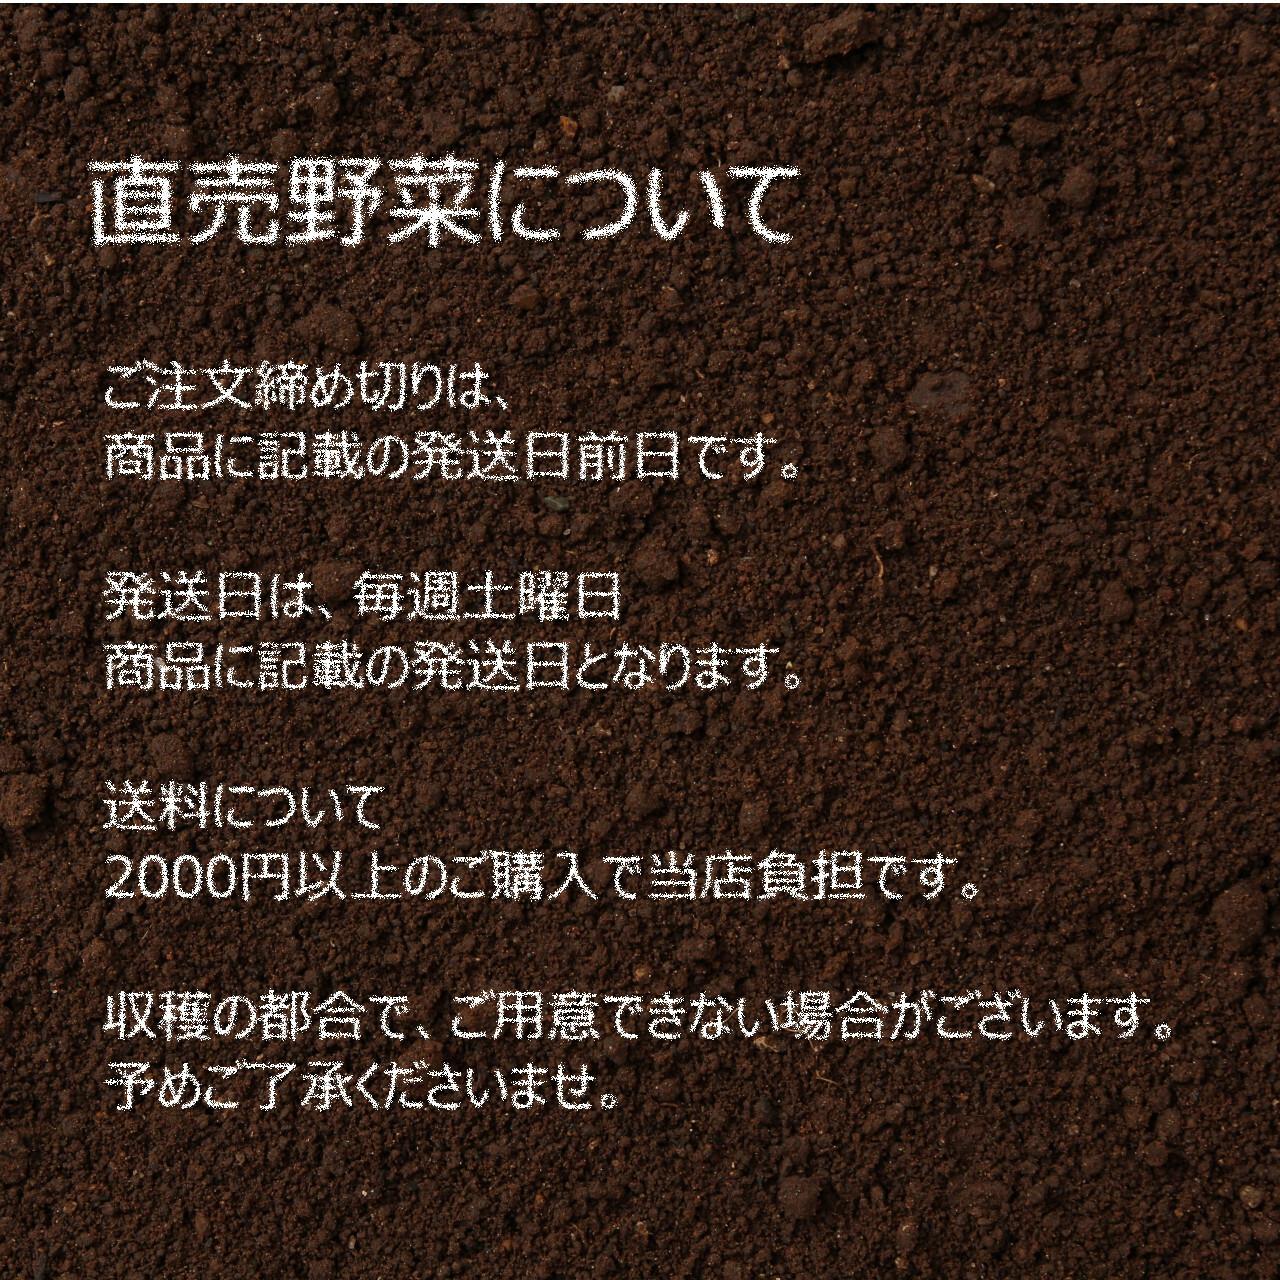 7月の朝採り直売野菜 : インゲン 約200g  7月の新鮮野菜 7月27日発送予定